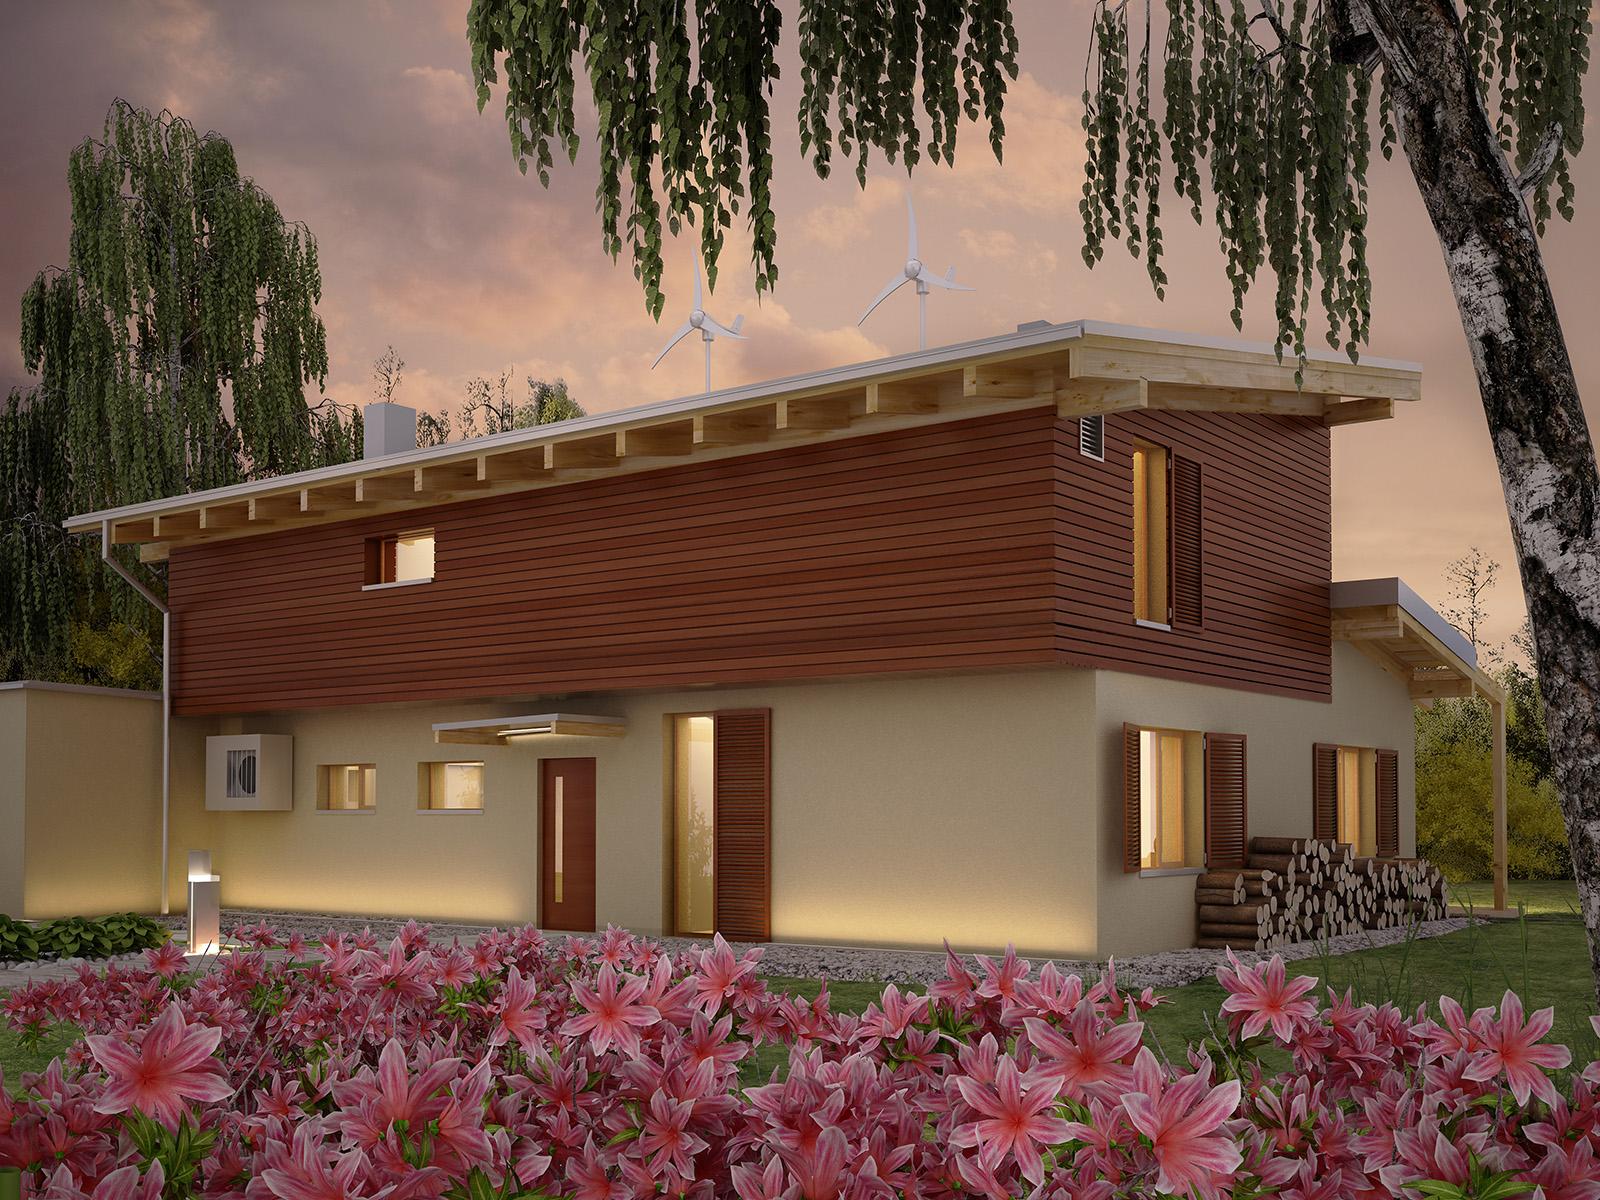 Projekt domu SOLARNY Domy Czystej Energii widok od frontu